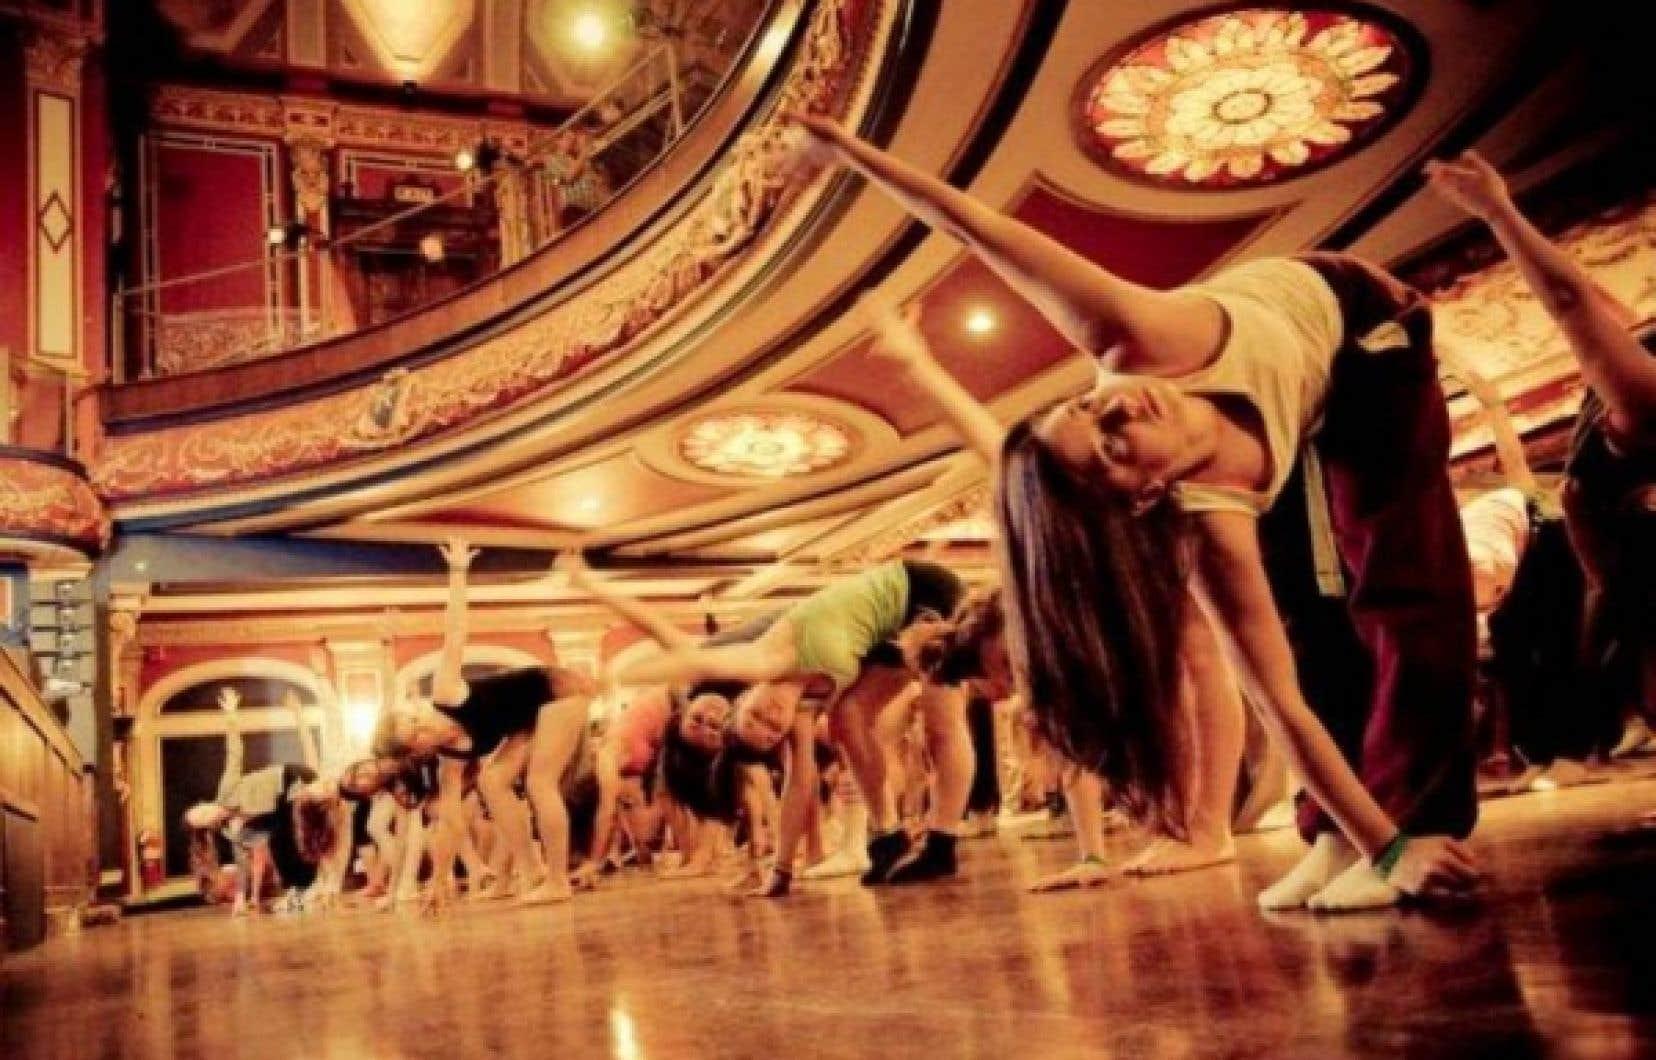 Les nouveaux propriétaires, Ezio Carosielli et sa femme Luisa Sassano, dirigent la compagnie de danse Extravadanza et aimeraient, entre autres, que le Rialto se fasse souvent carrefour pour la danse, avec compétitions et ateliers. <br />